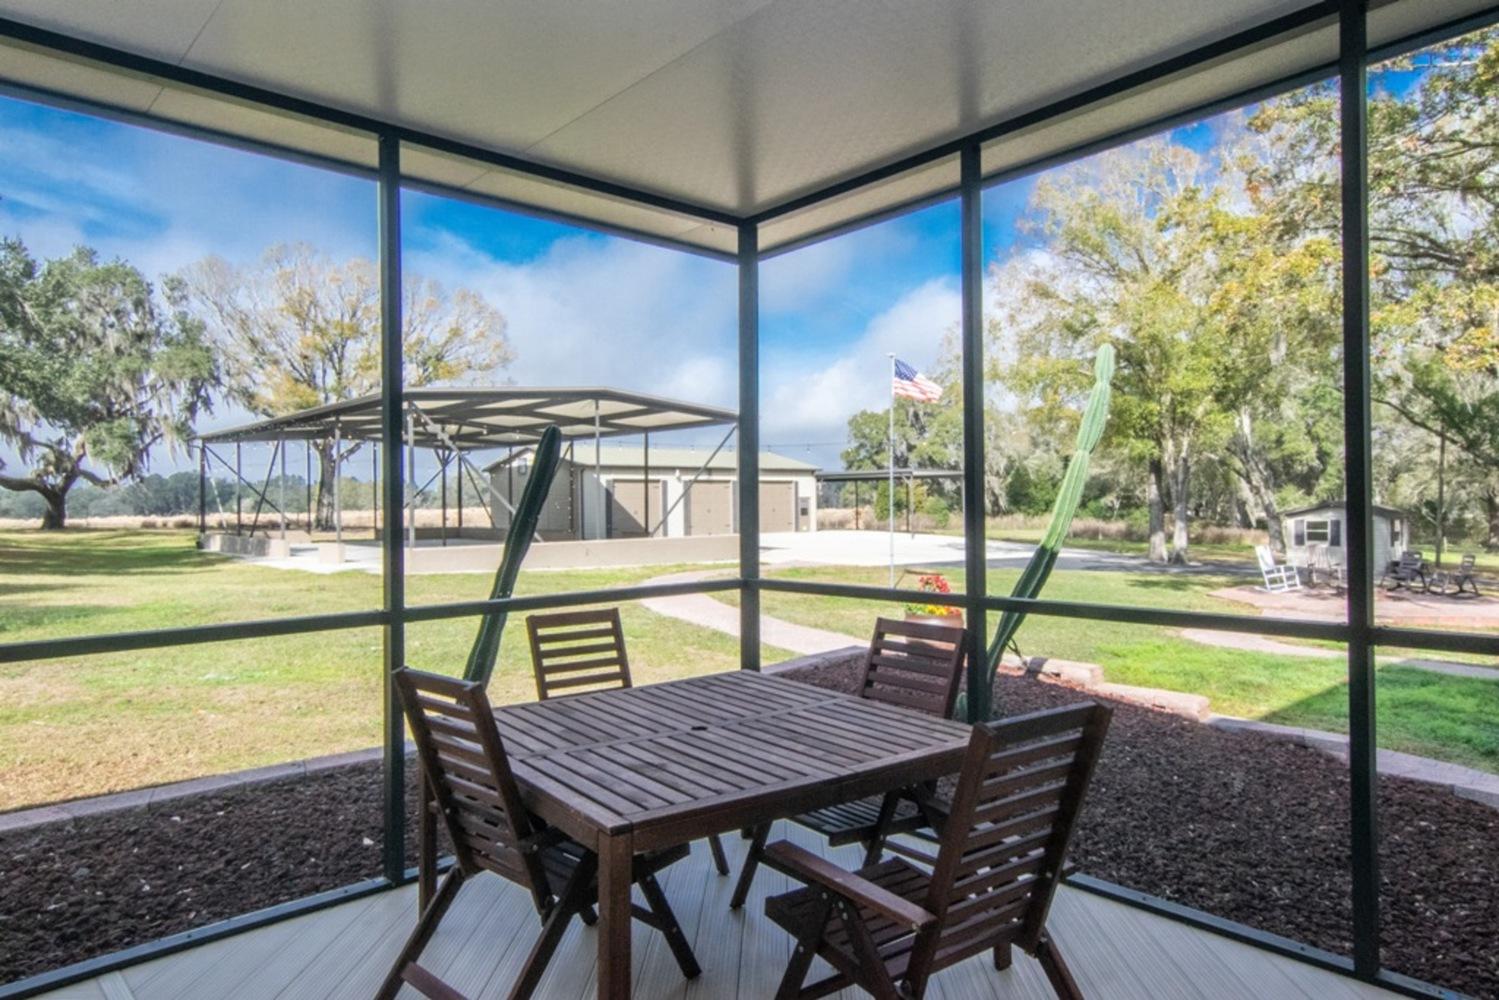 69 patio